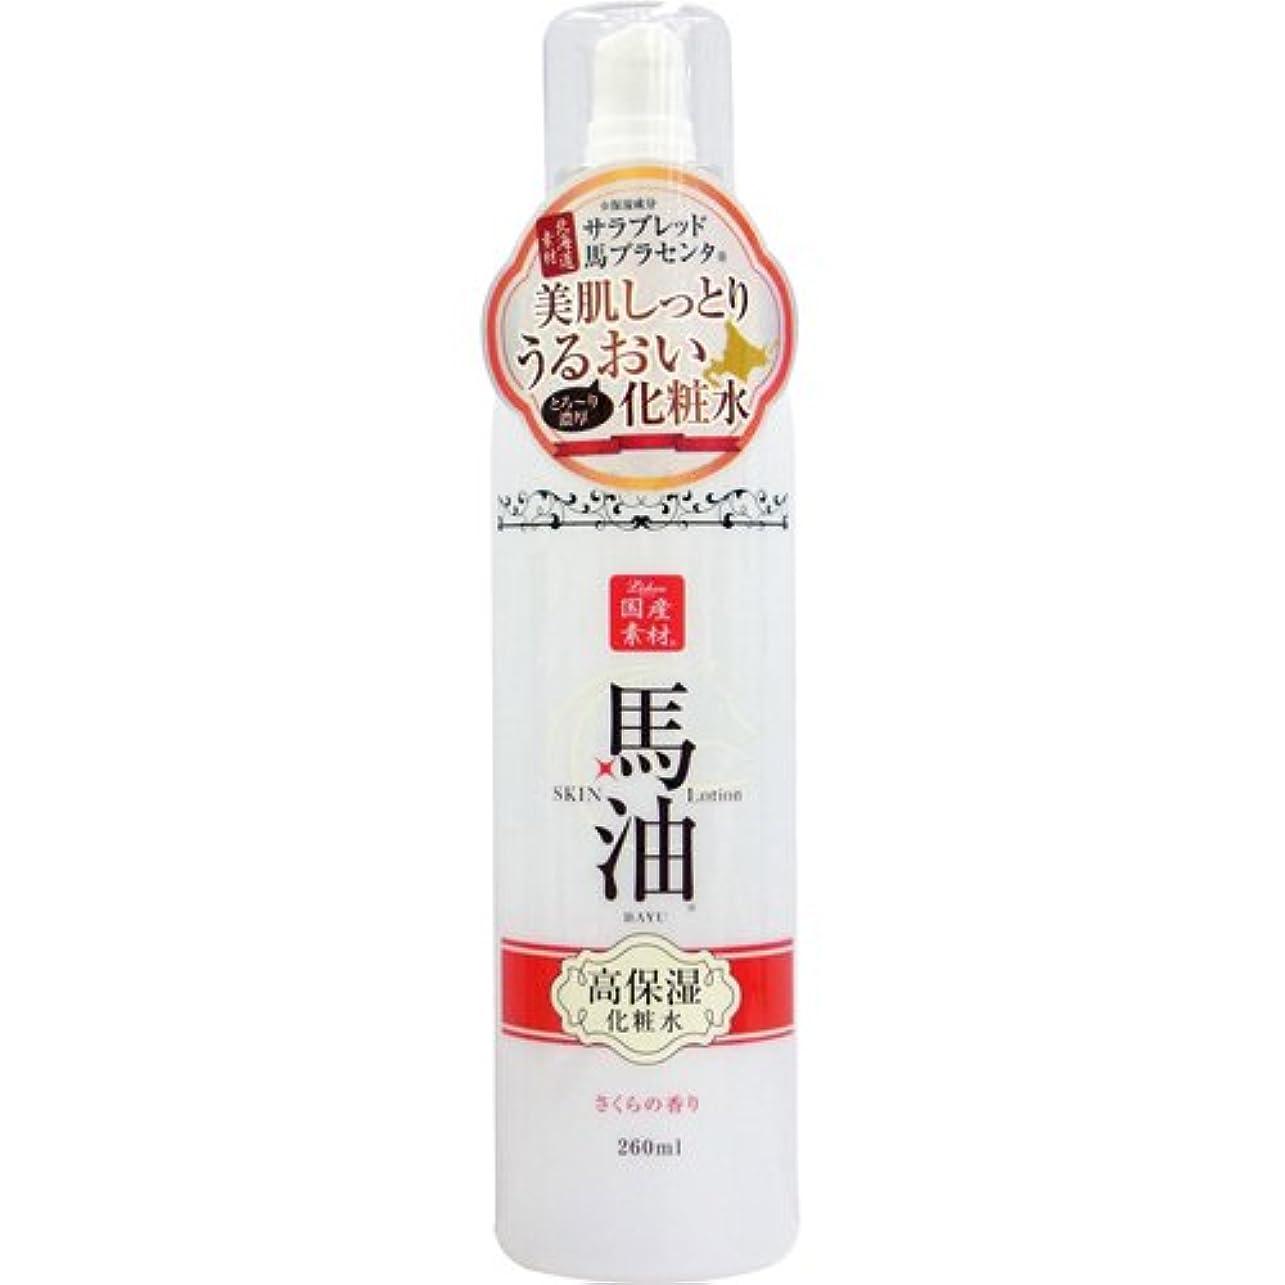 貞役に立つ買うリシャン 馬油化粧水 (さくらの香り) (260mL)